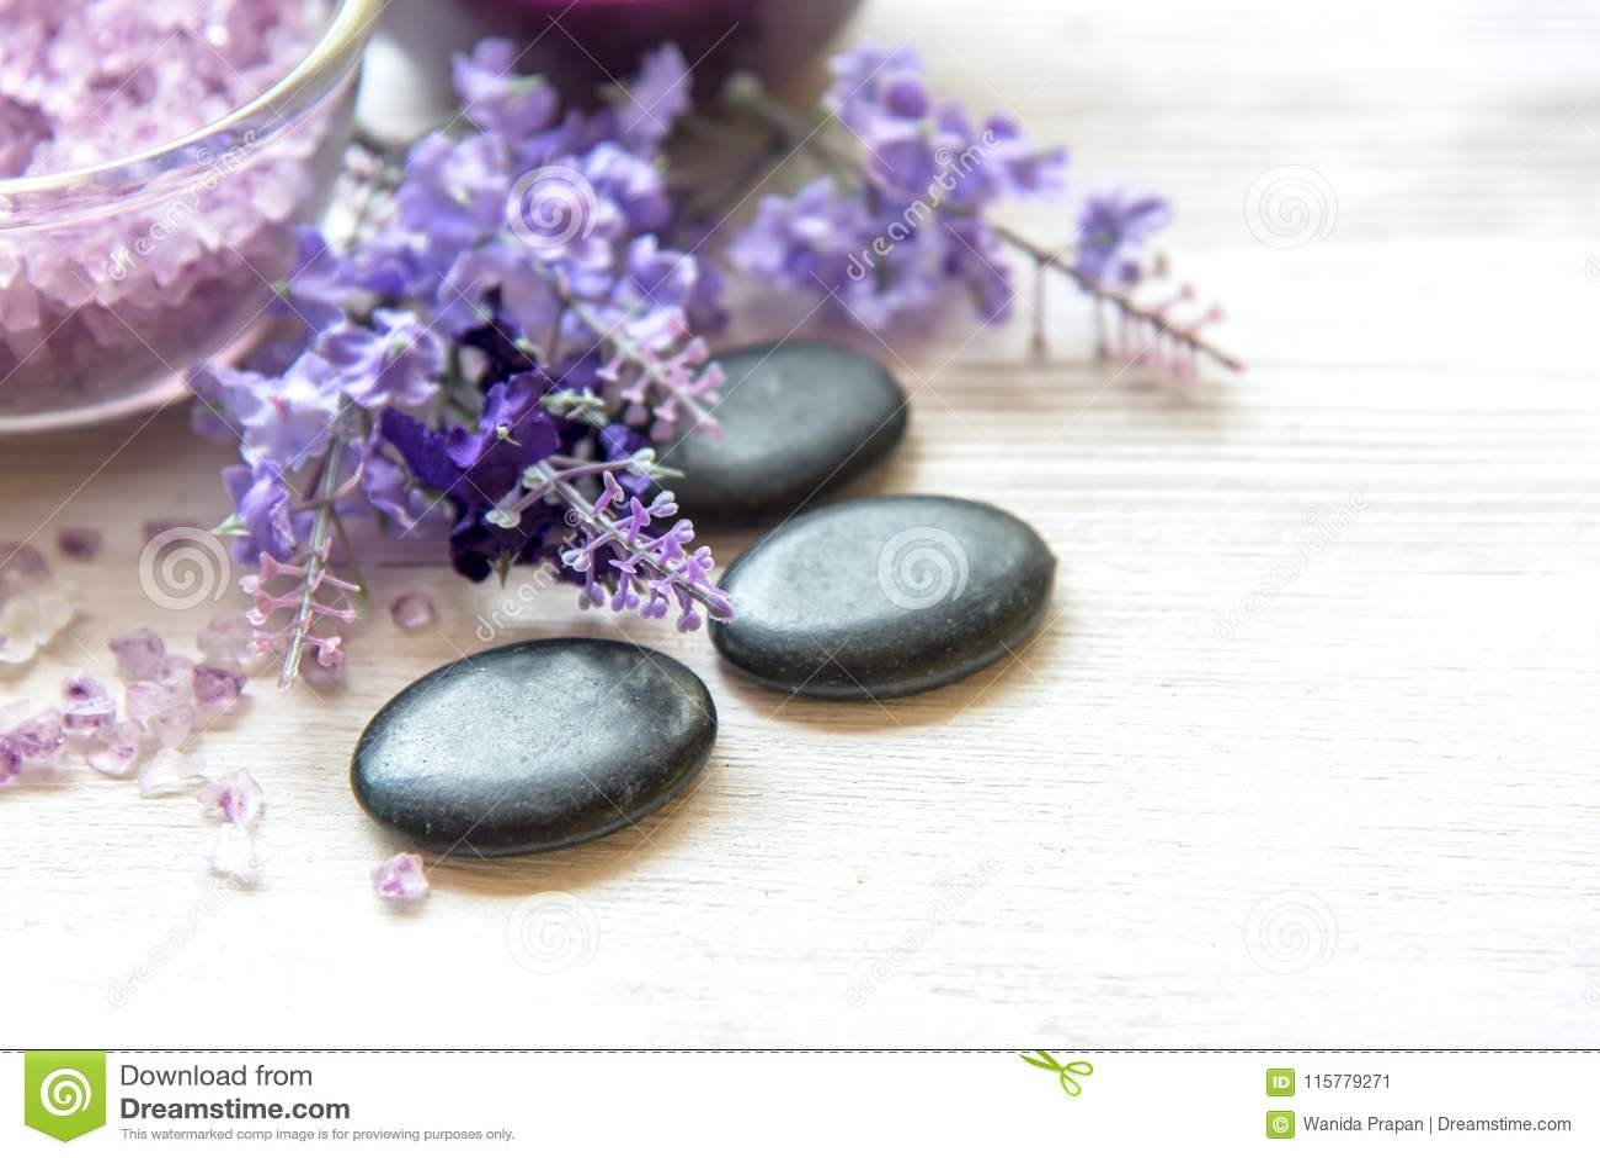 Фиолетовый курорт ароматерапии лаванды с солью и обработка для тела Тайский курорт ослабляет массаж